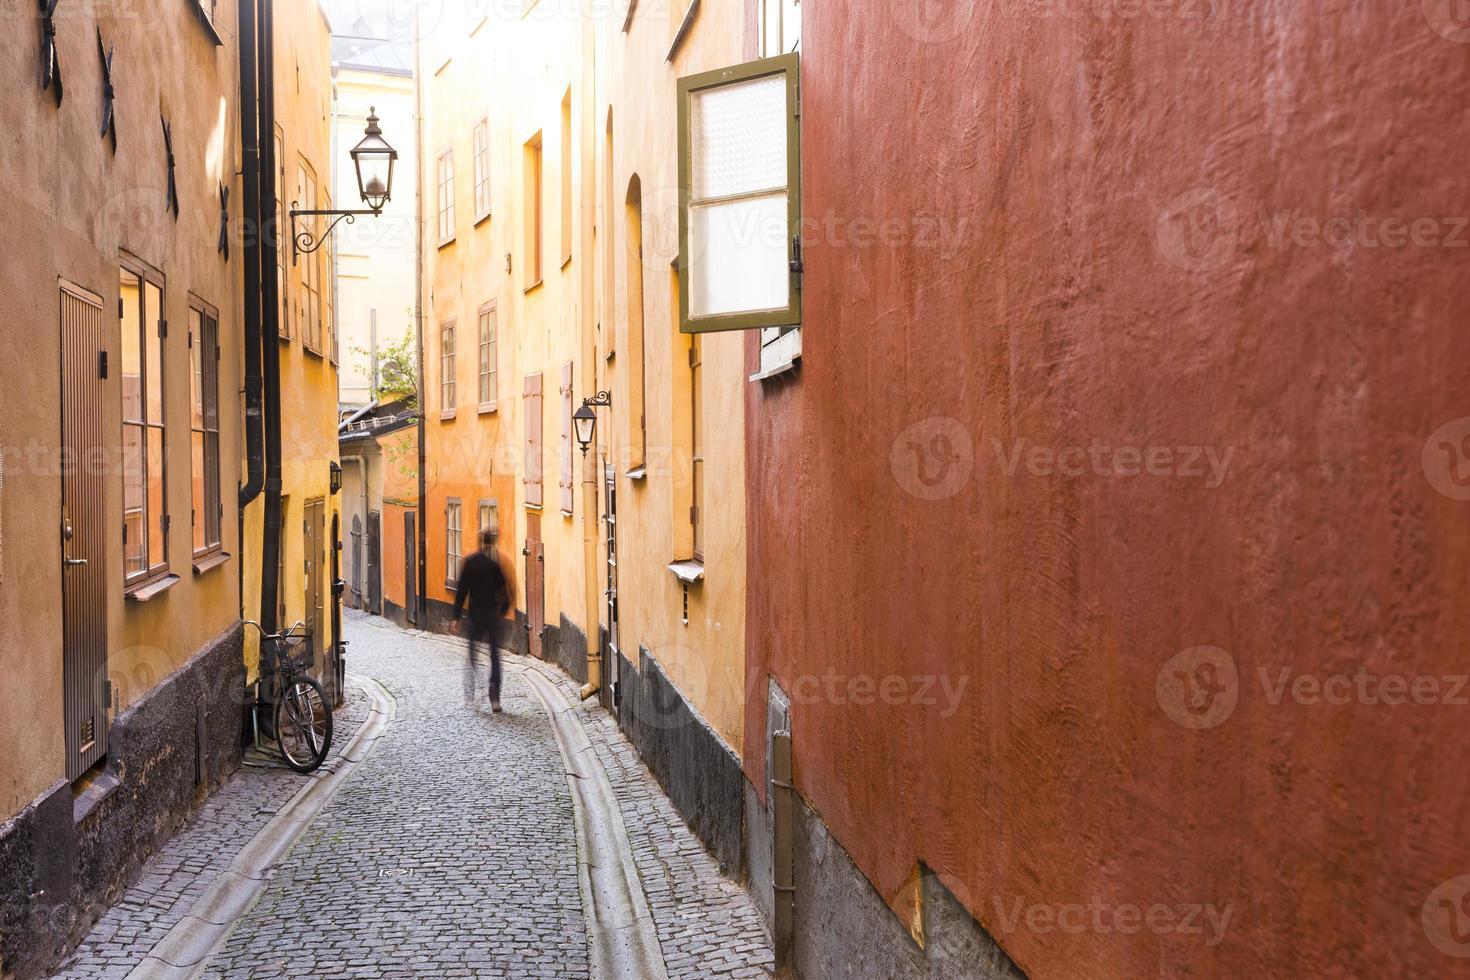 schmale Straße in der Altstadt von Stockholm foto